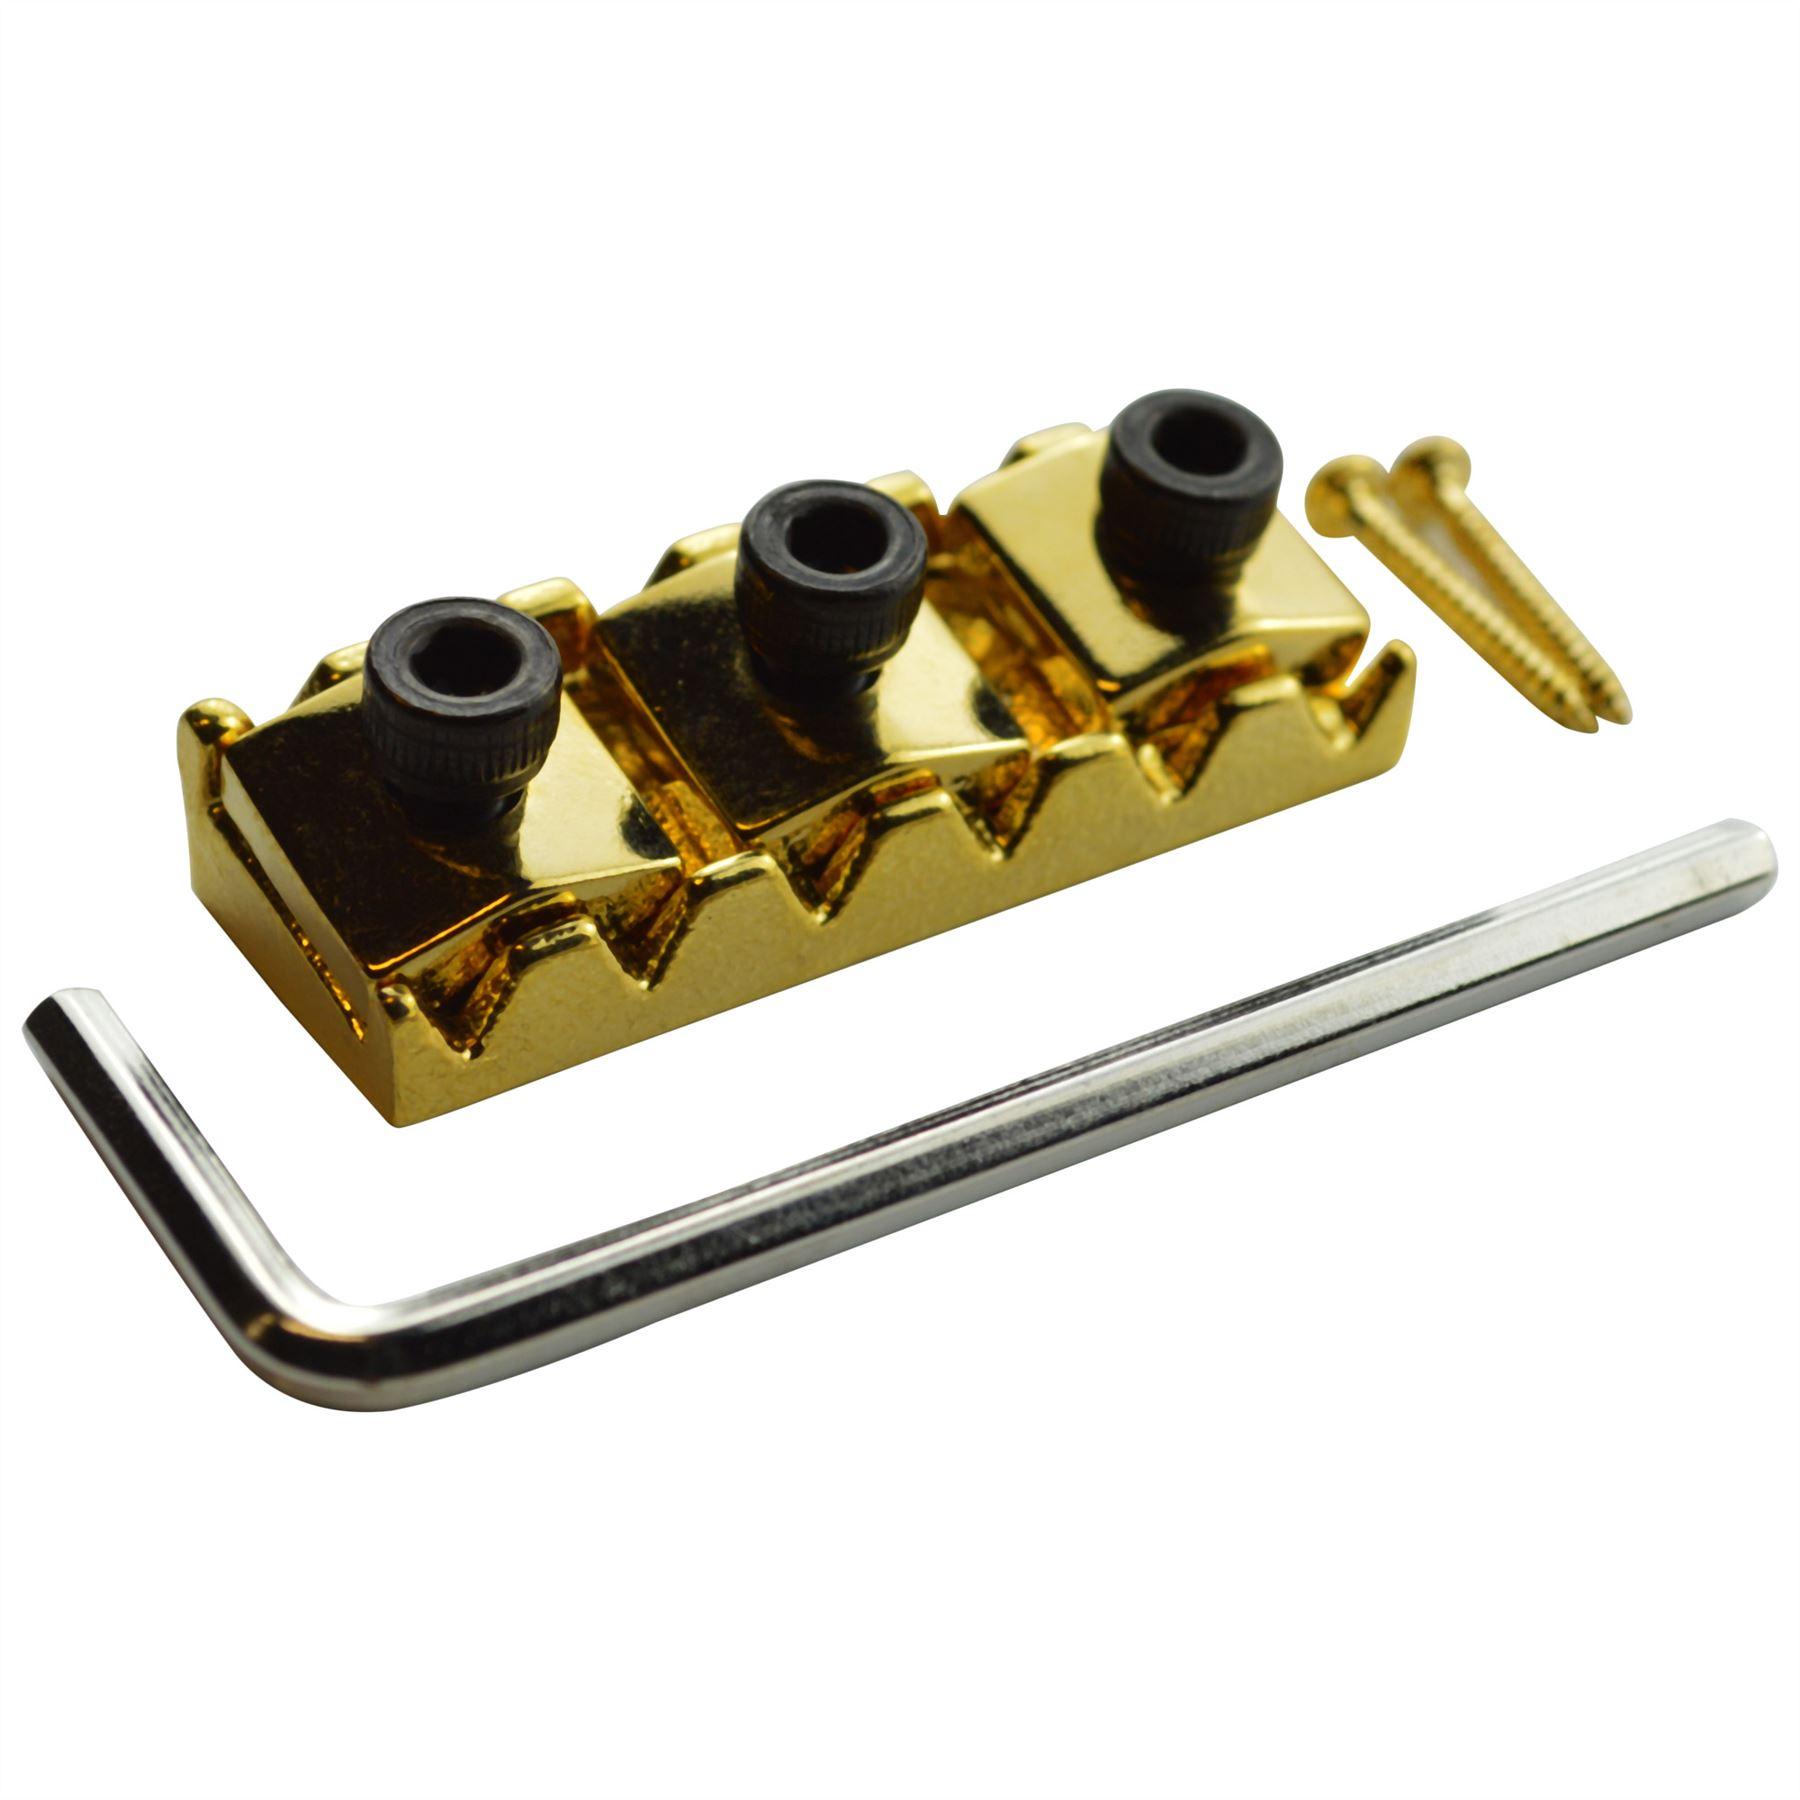 floyd rose locking nut 42mm for 6 string electric guitars ebay. Black Bedroom Furniture Sets. Home Design Ideas